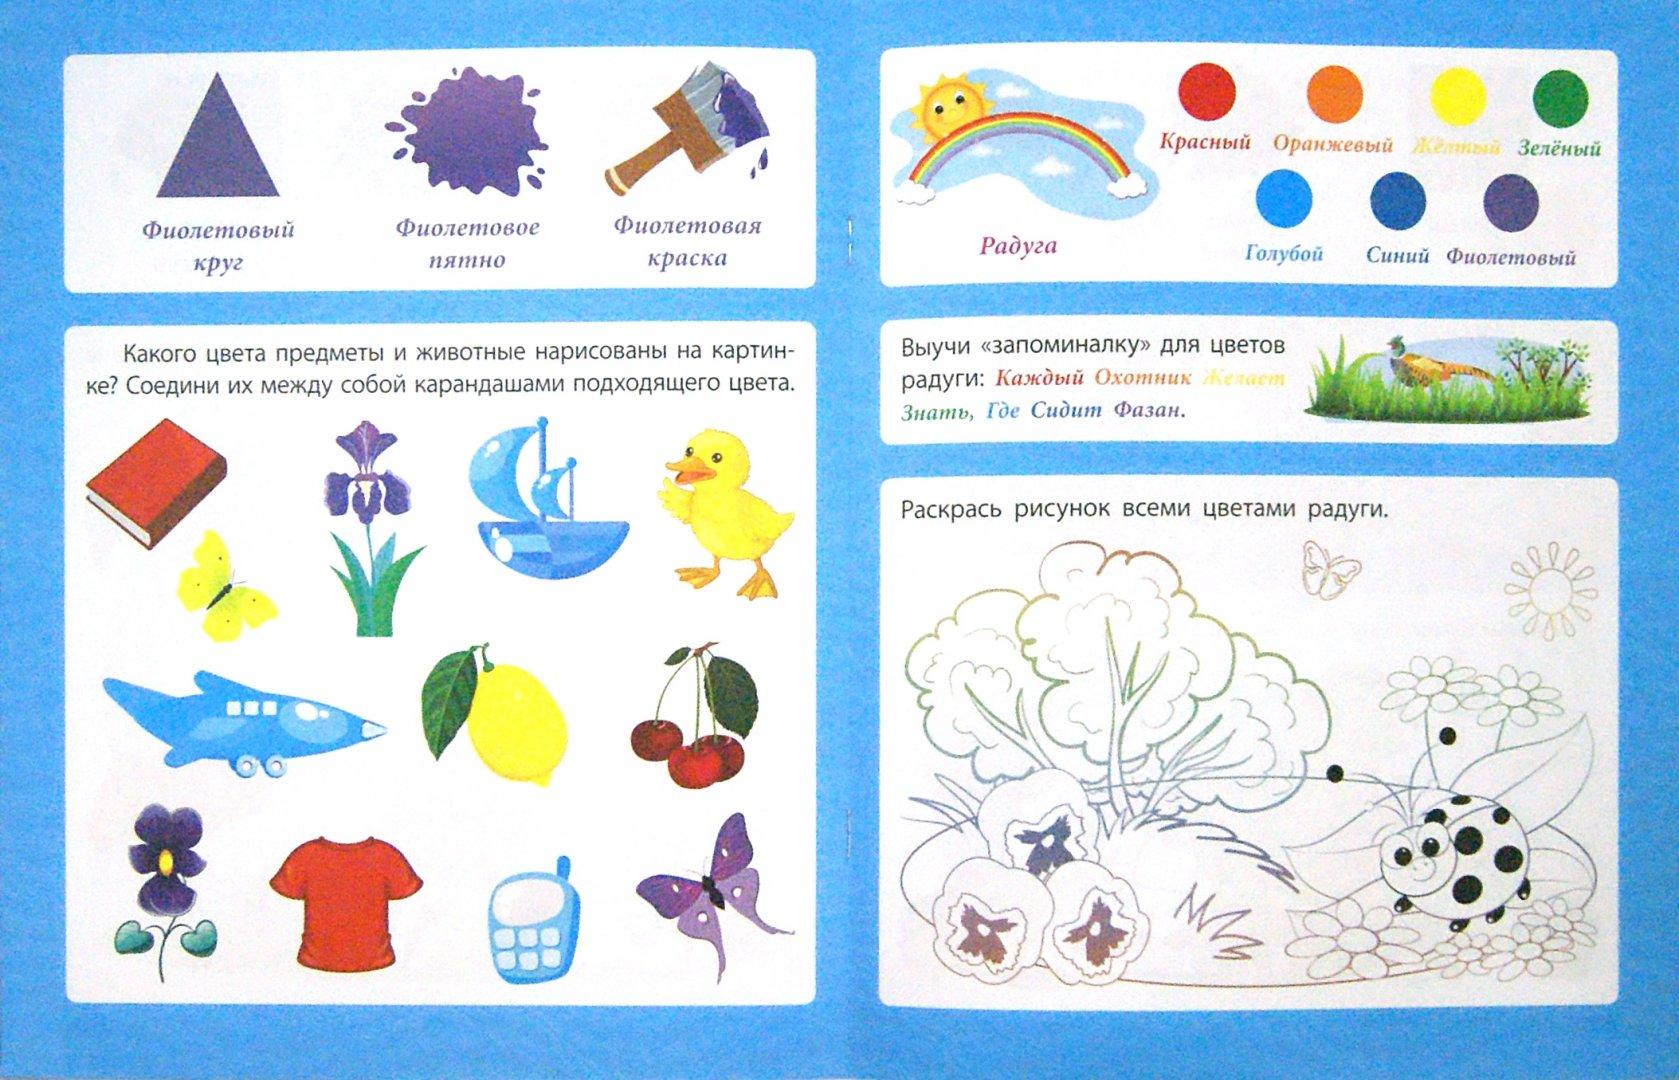 Иллюстрация 1 из 16 для Любознательным малышам. Цвет и форма - Евгения Ищук   Лабиринт - книги. Источник: Лабиринт